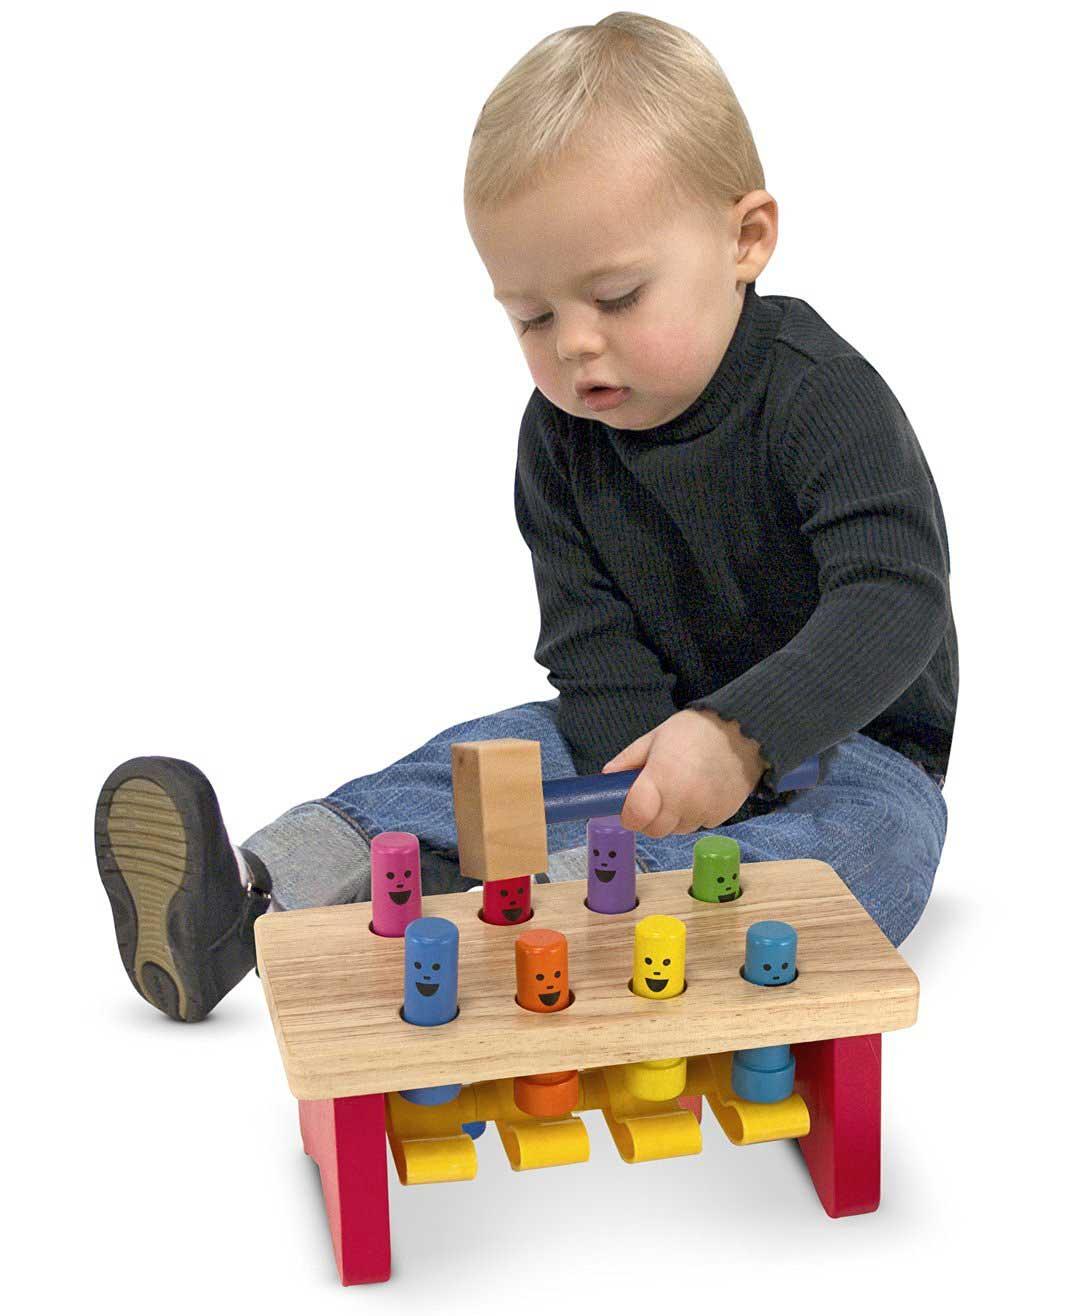 giocattolo-in-legno-con-design-colorato